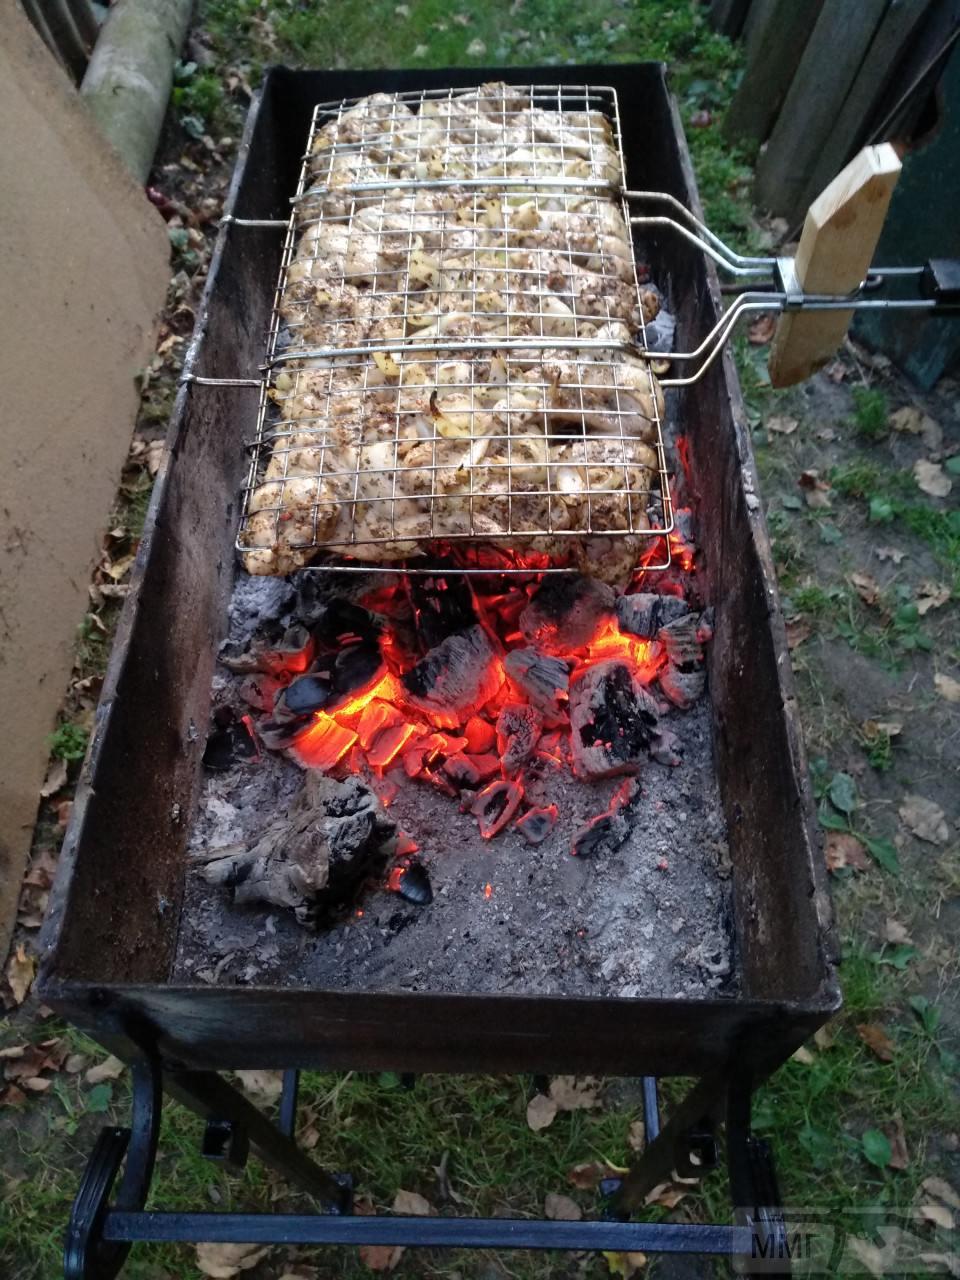 71783 - Закуски на огне (мангал, барбекю и т.д.) и кулинария вообще. Советы и рецепты.